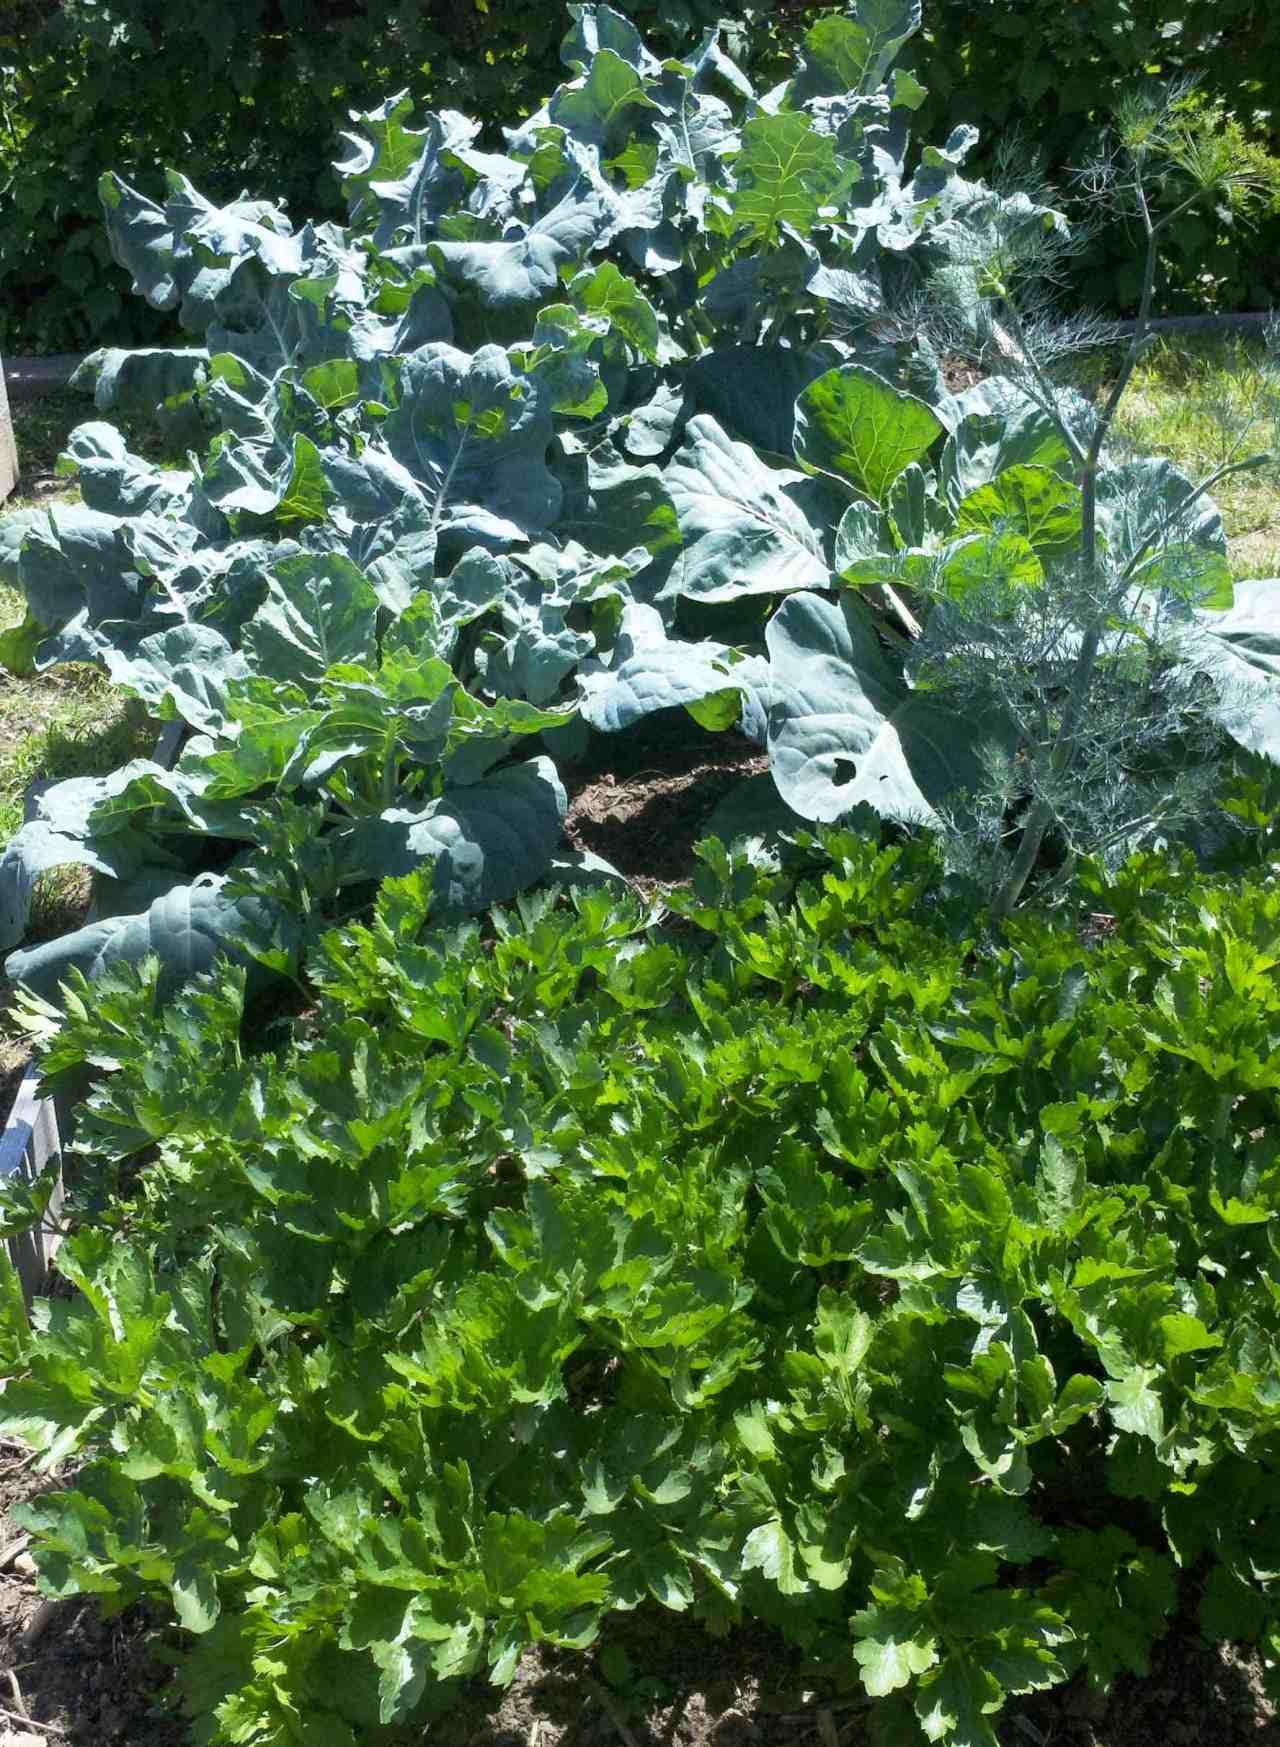 jardín de brócoli y apio